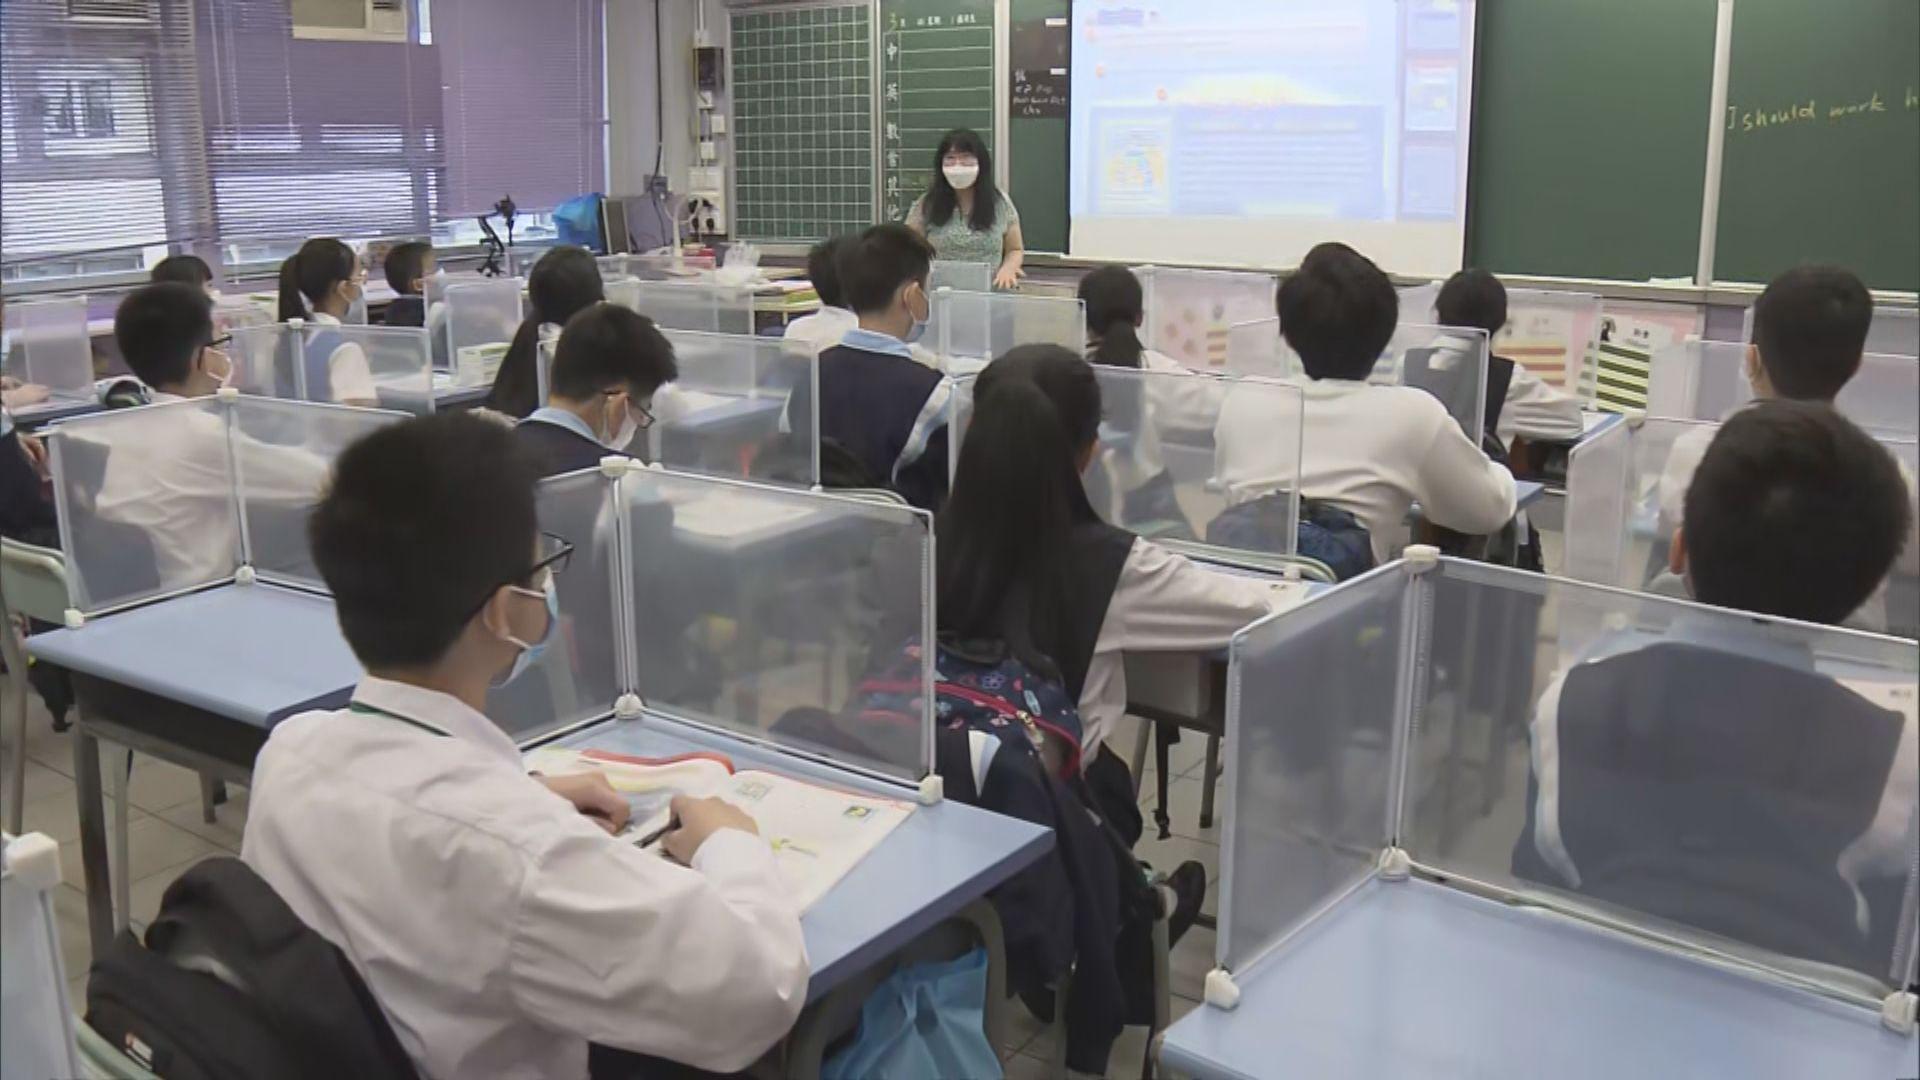 面授放寬至三分二學生 學校建議小息不進食